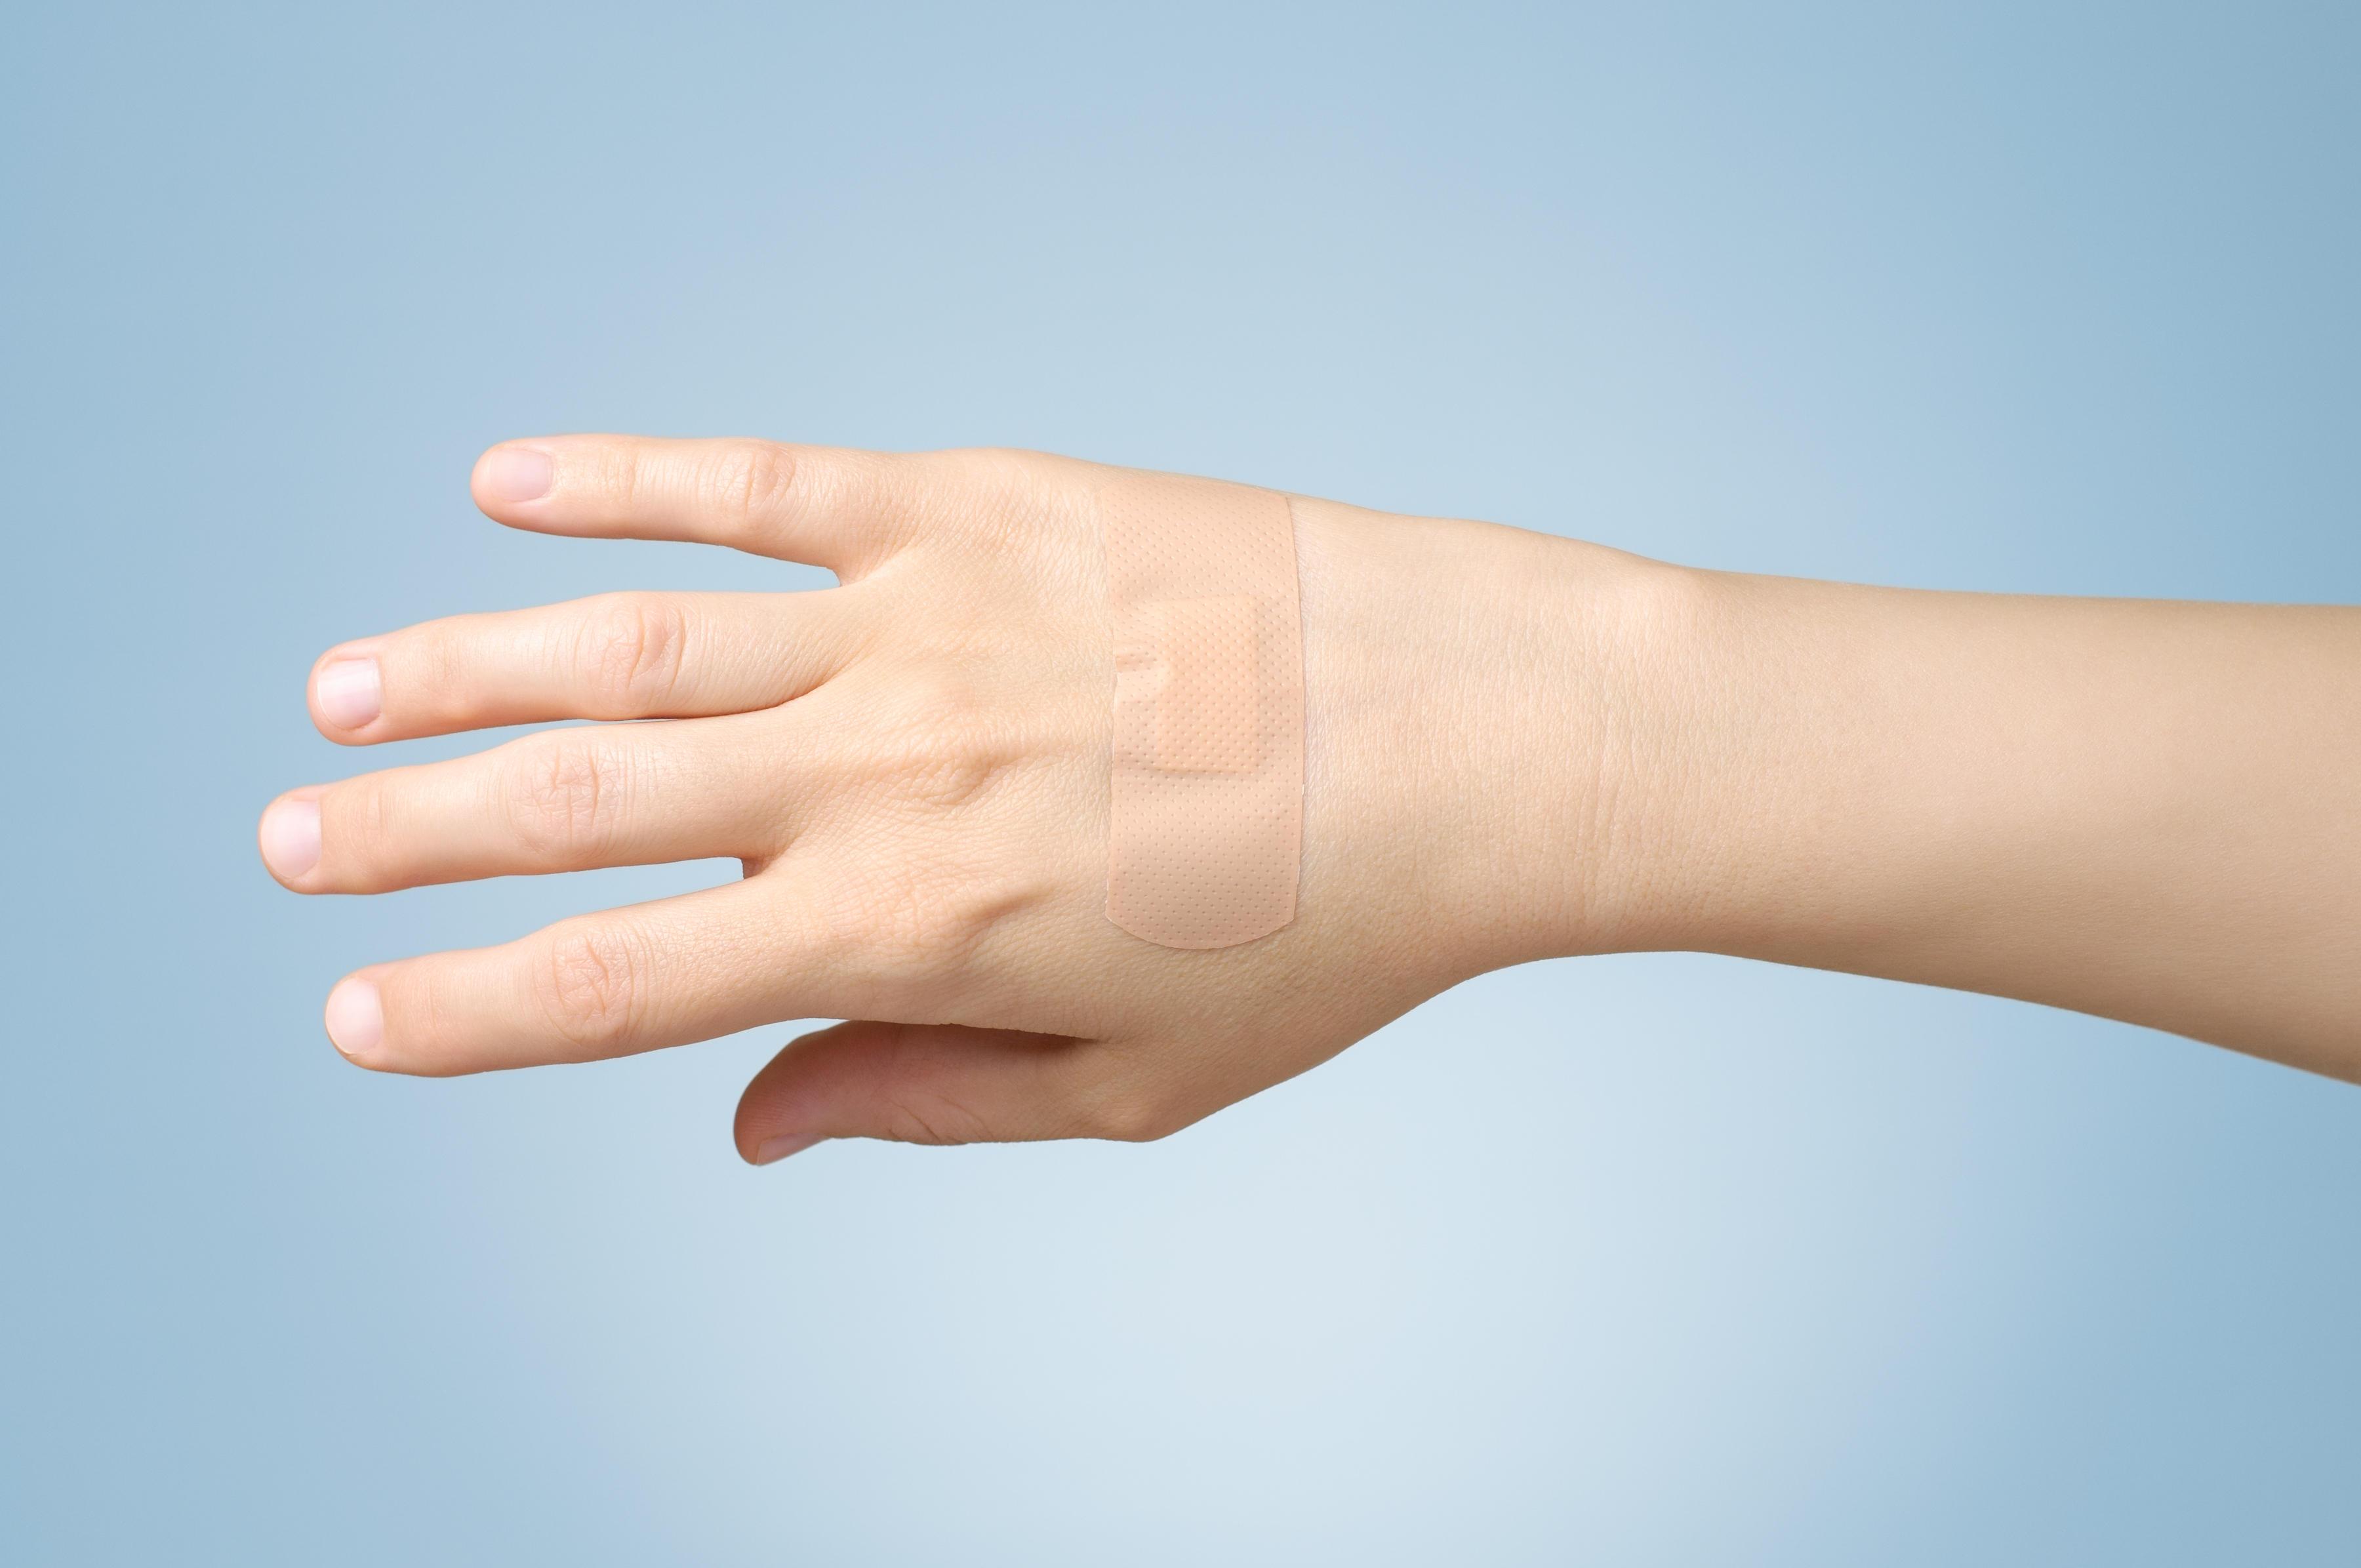 Plaster on female hand